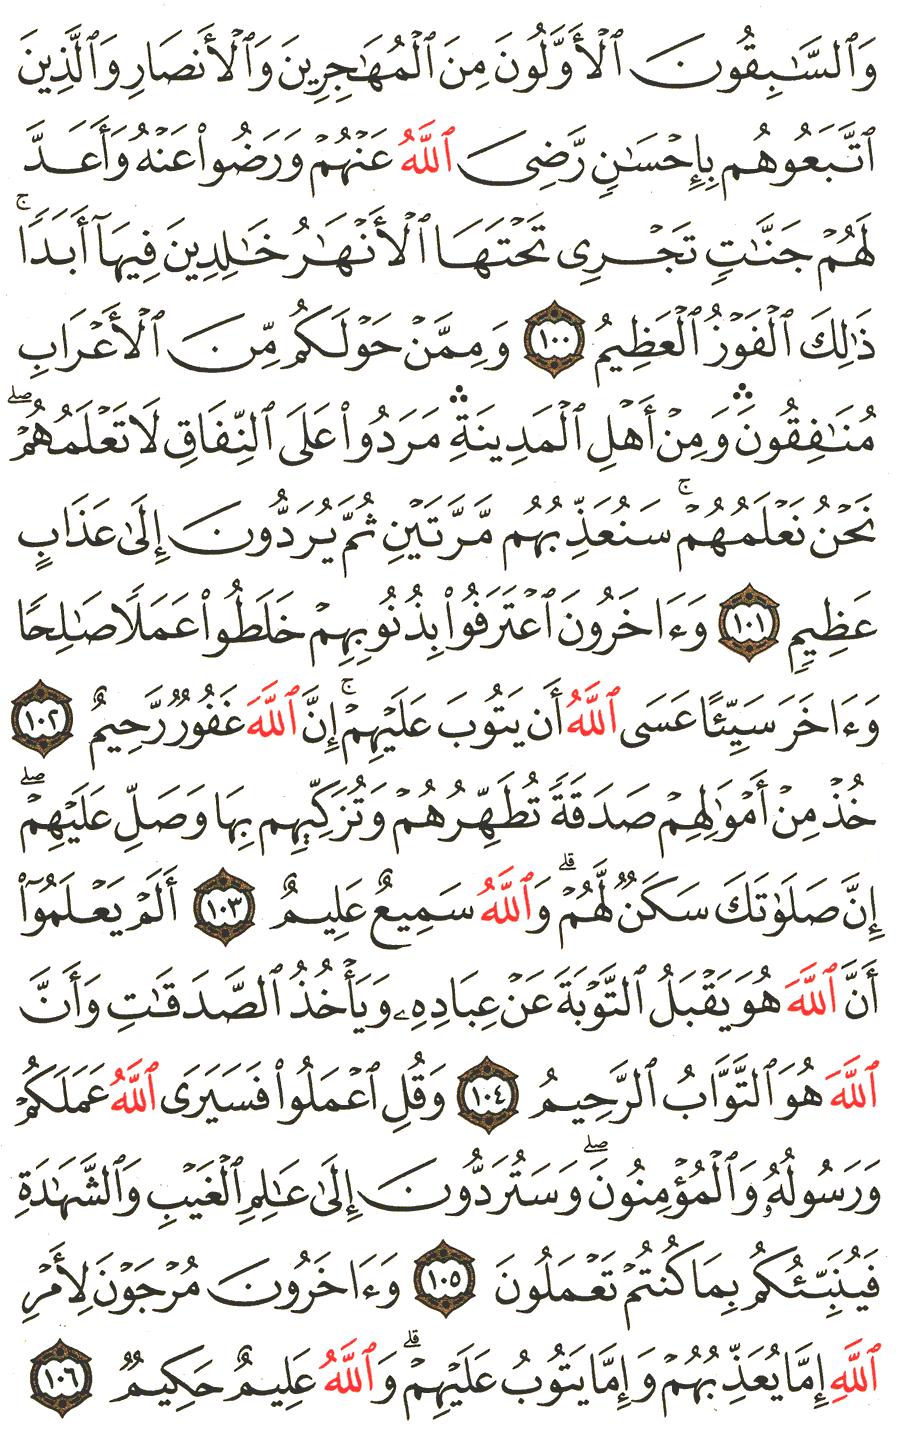 تفسير الآية 100 إلى 106 من سورة التوبة التفسير الميسر